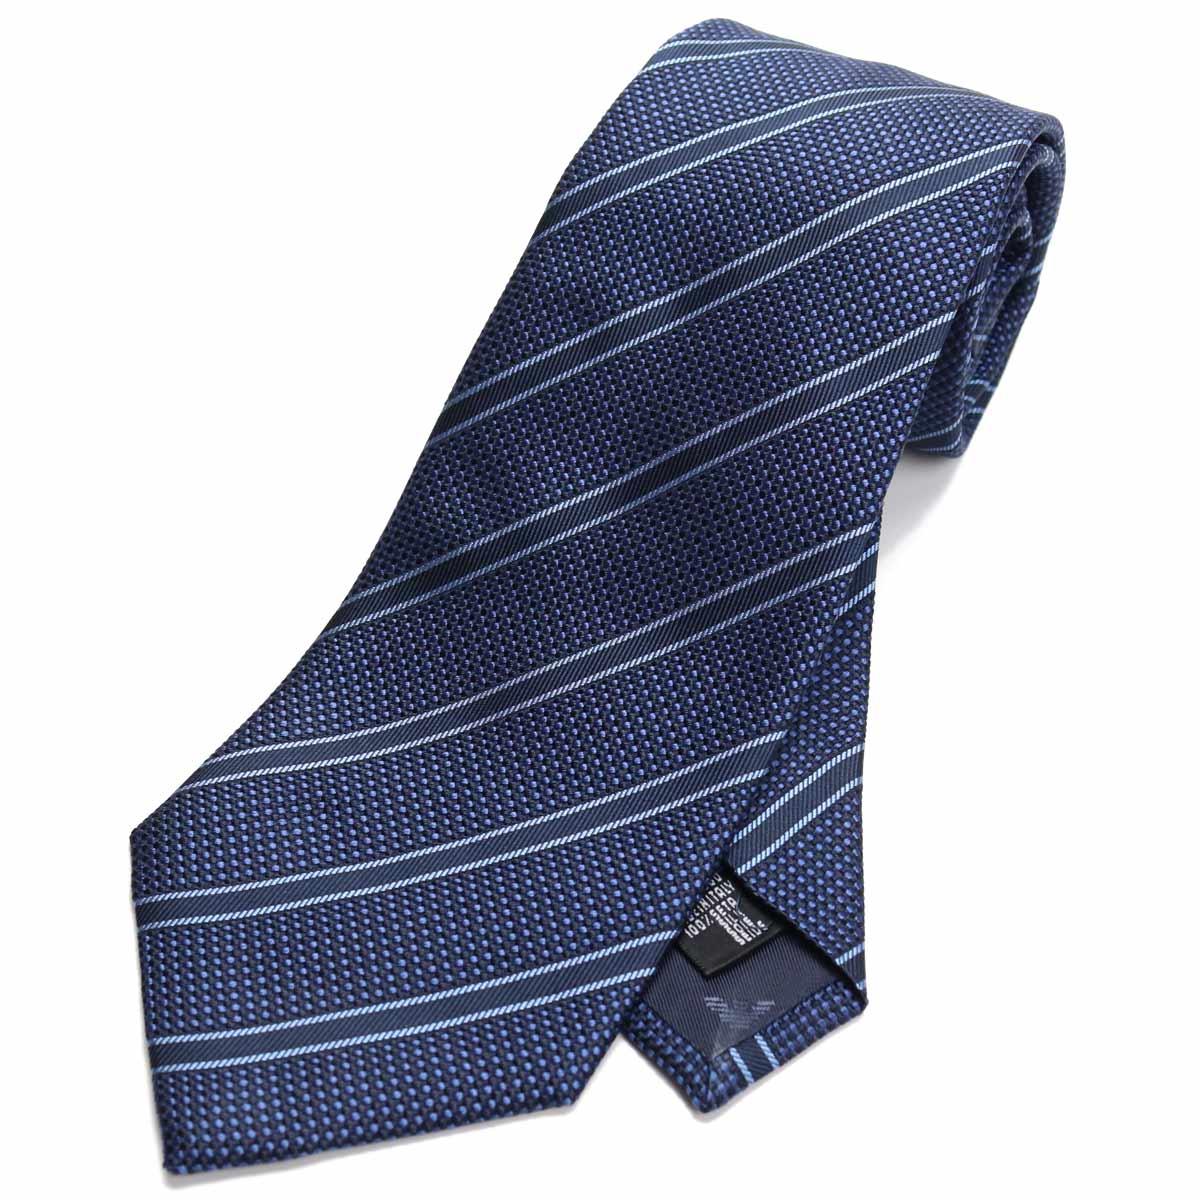 エンポリオ アルマーニ EMPORIO ARMANI ストライプ柄 ネクタイ レギュラータイ 340182 0P311 00035 BLUE ブルー系 【メンズ】